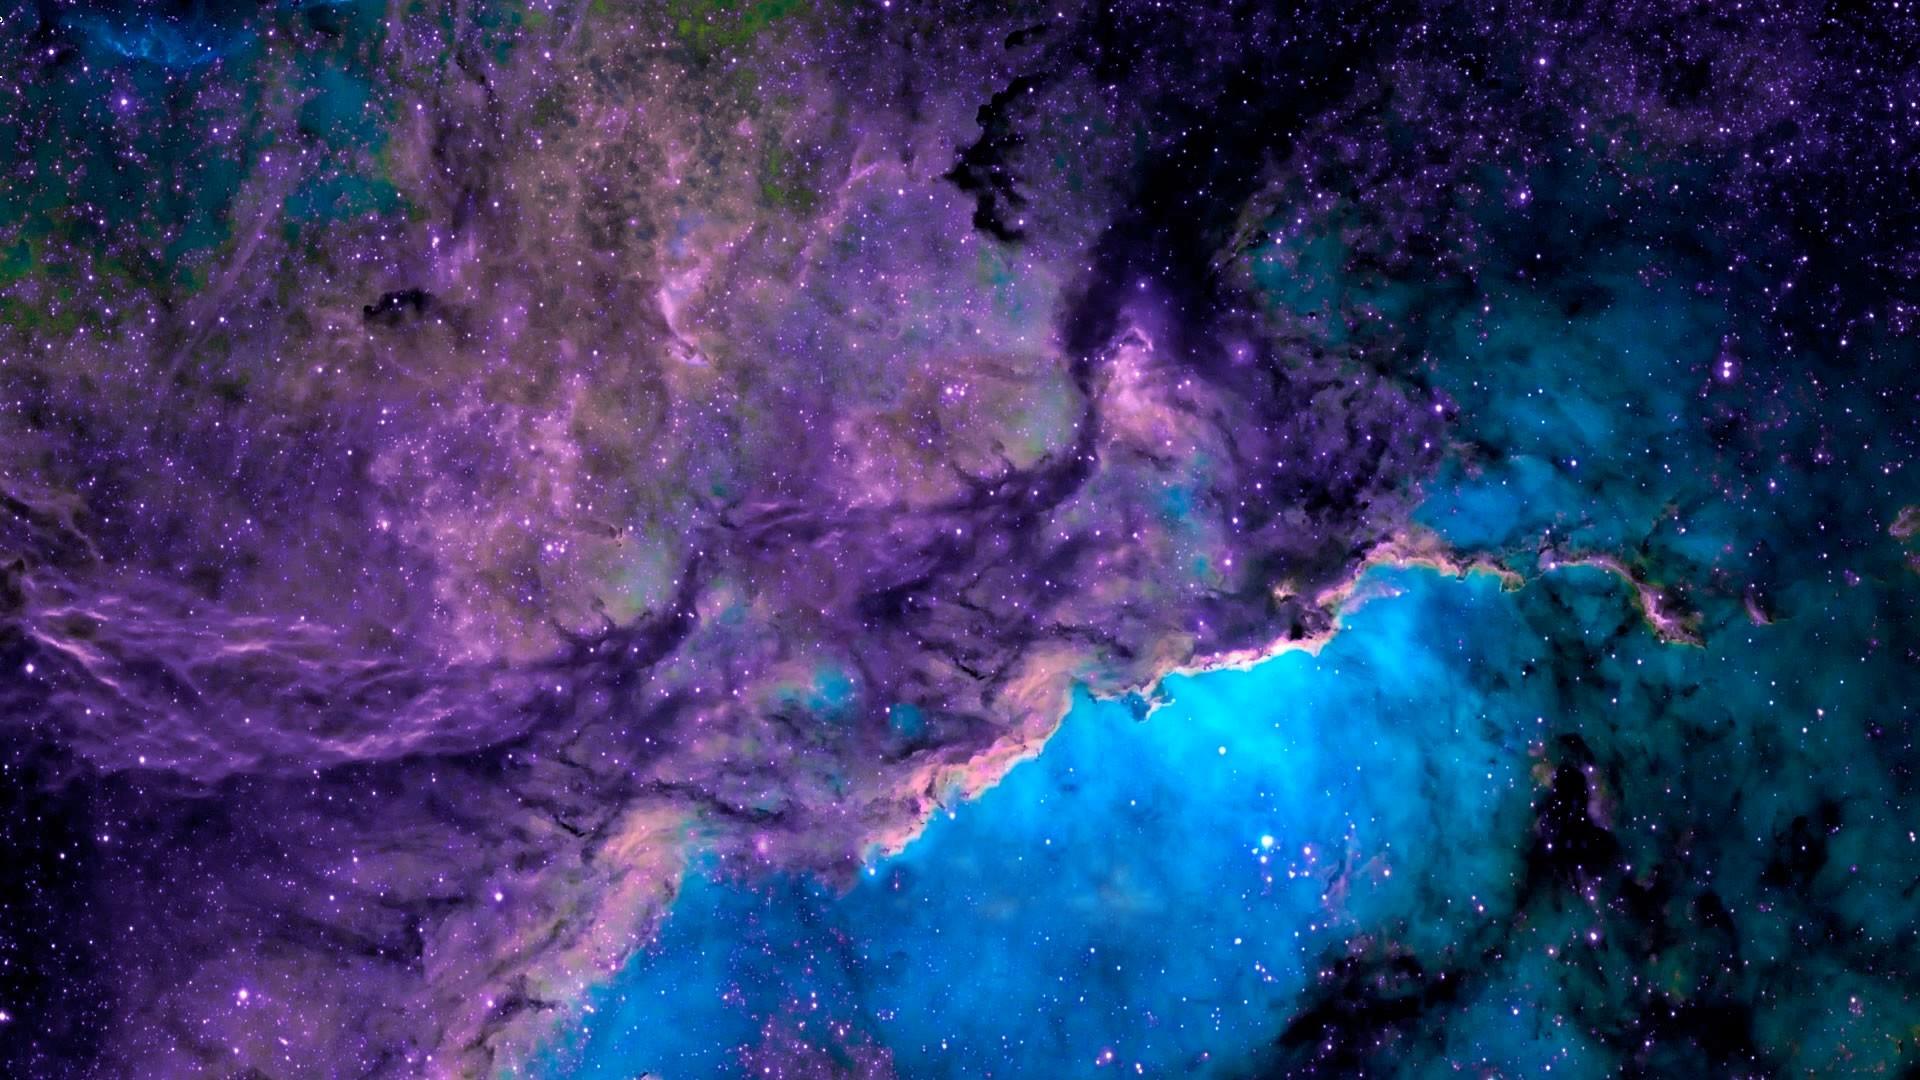 Обои галактика космос звезды картинки на рабочий стол на тему Космос - скачать  № 3548470 без смс